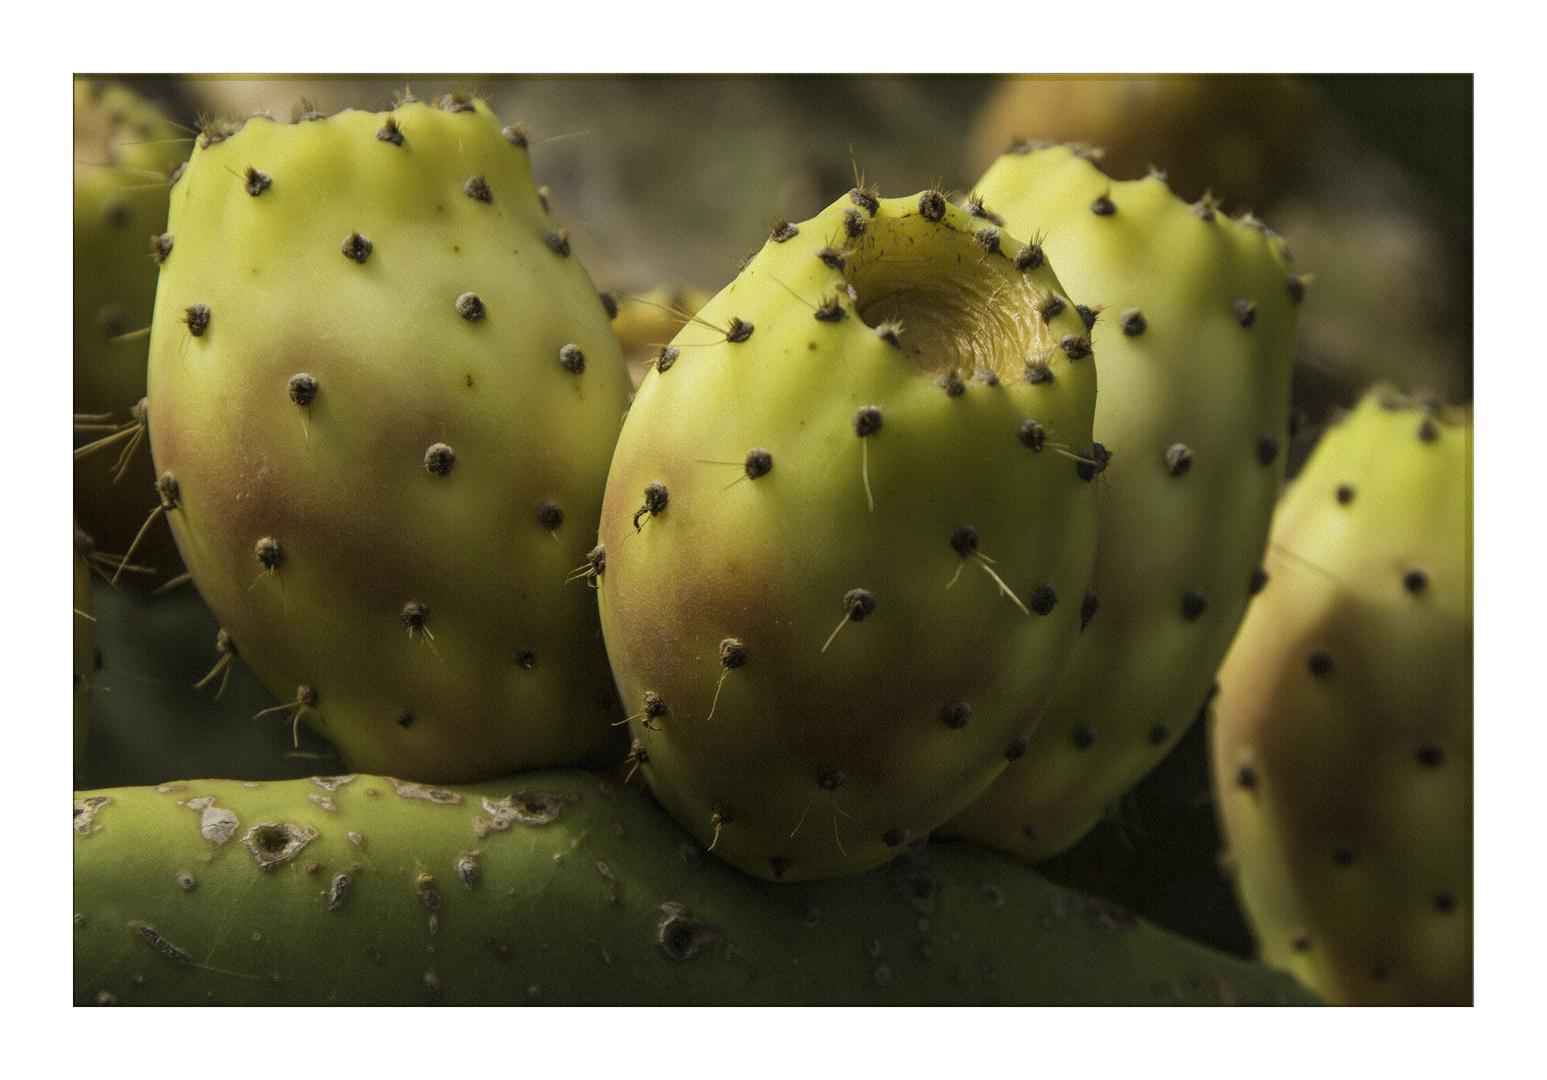 kaktusfeige foto bild pflanzen pilze flechten fr chte und beeren nature bilder auf. Black Bedroom Furniture Sets. Home Design Ideas